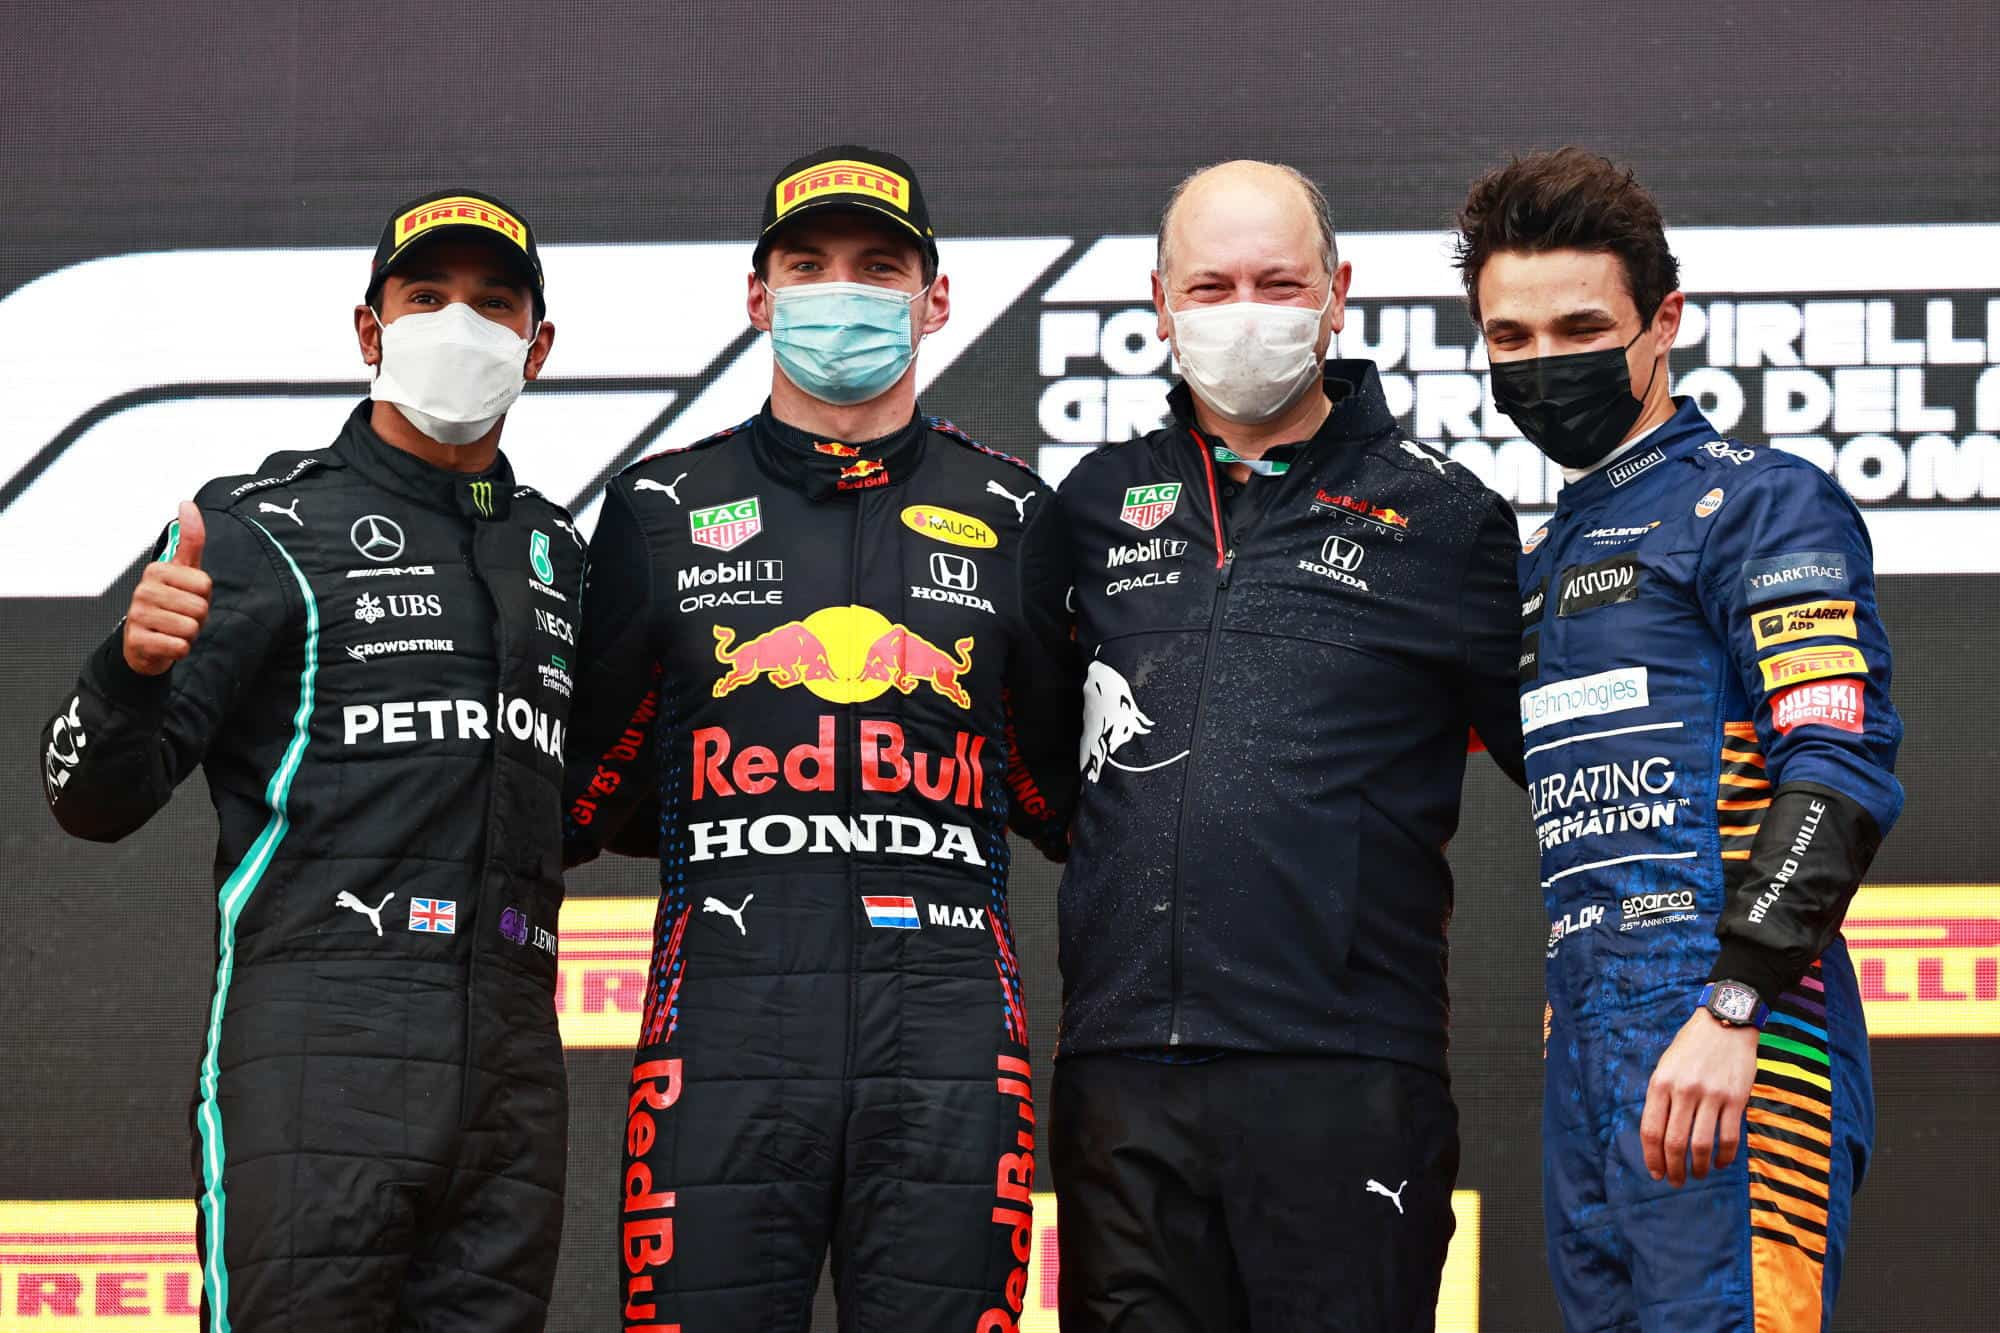 2021 Emilia Romagna GP Podium Verstappen Hamilton Norris Photo Red Bull